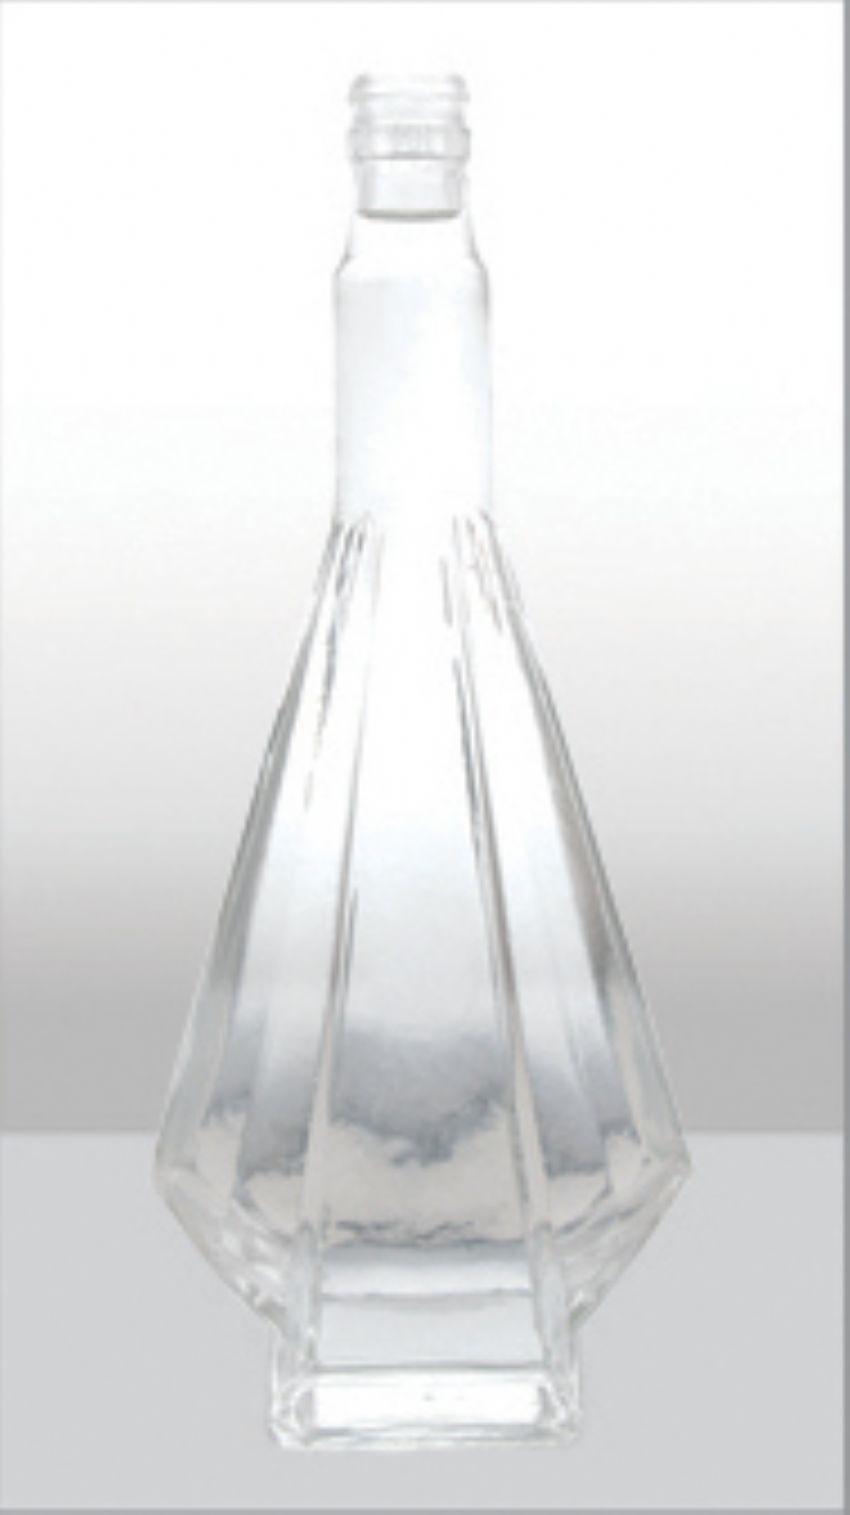 高白玻璃酒瓶 创意新款高档酒瓶 菏泽白酒瓶定做